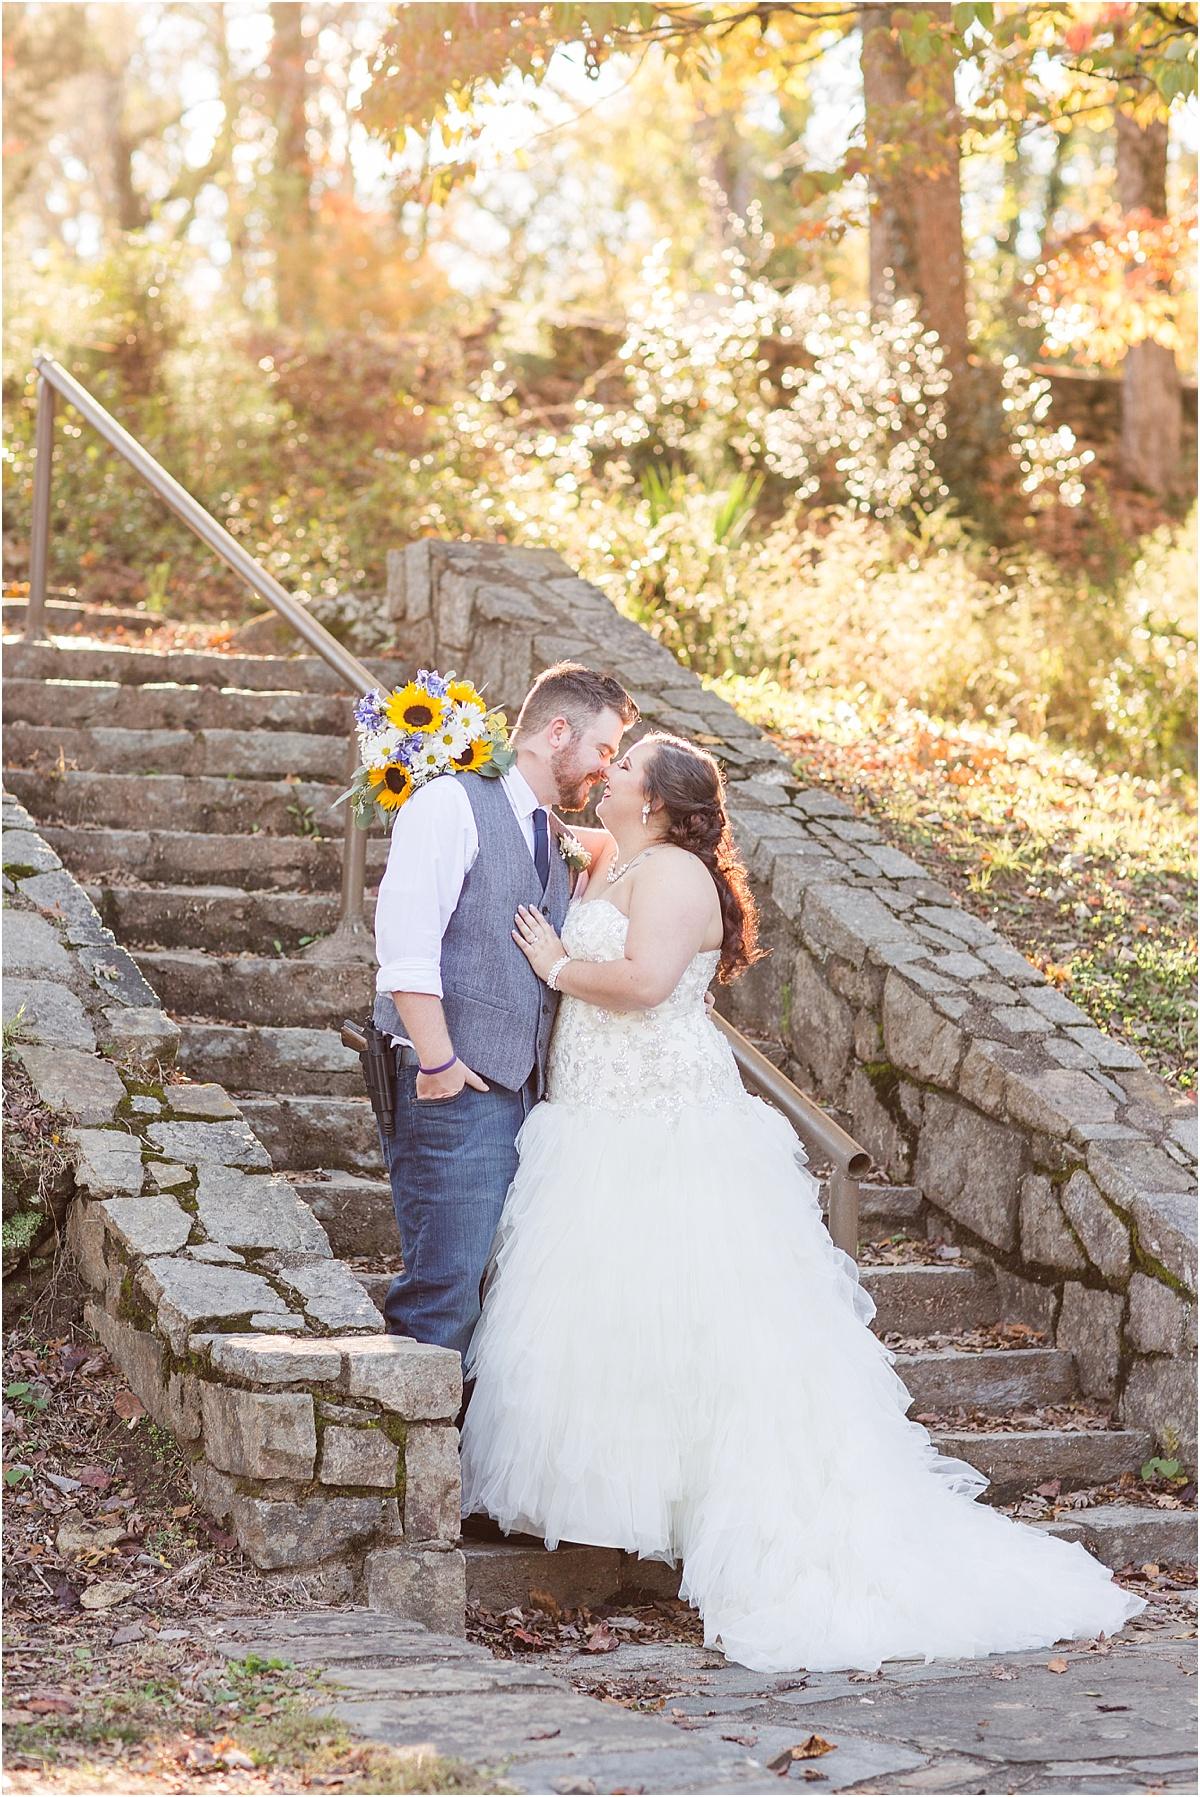 Indian_Springs_State_Park_Weddings_0063.jpg